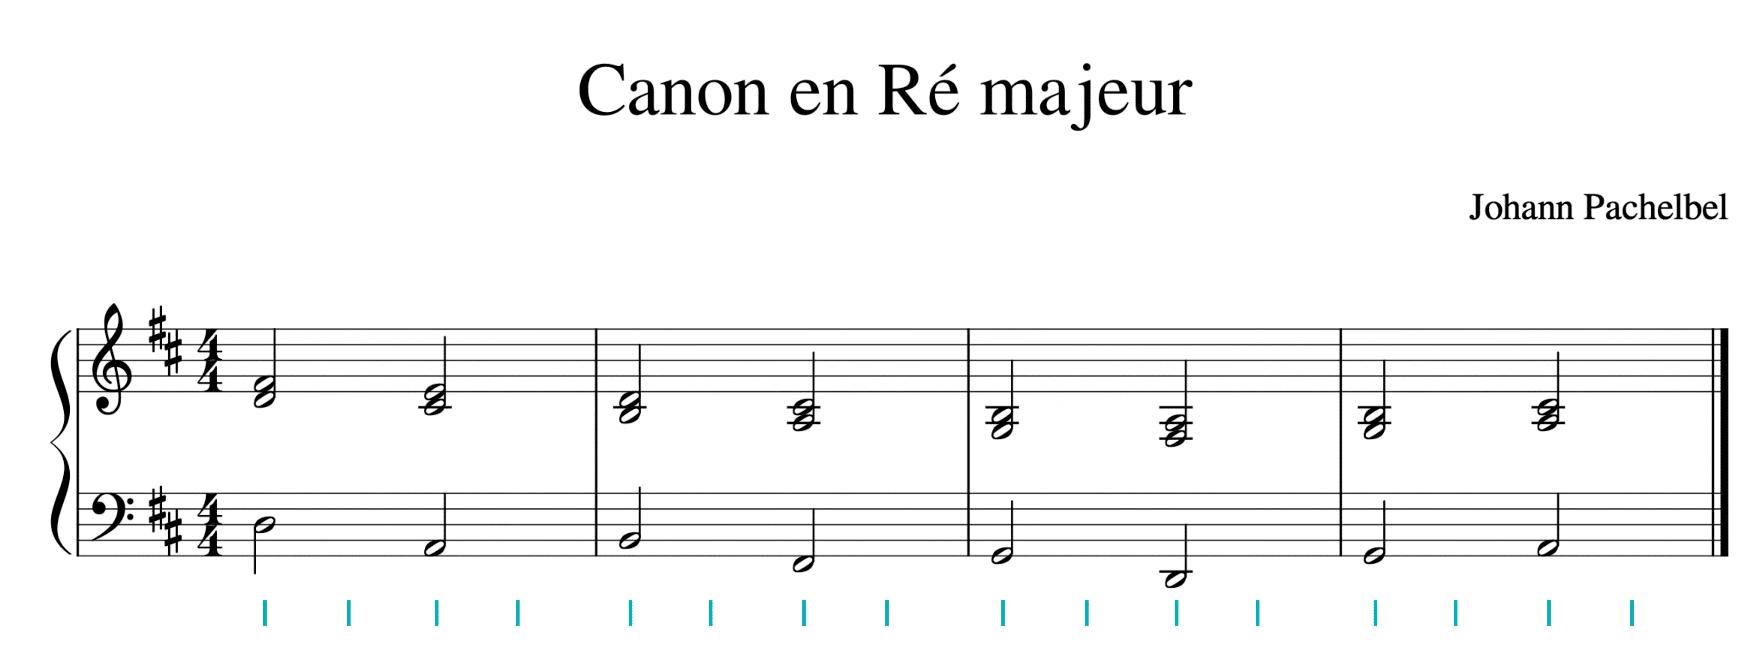 explication du rythme en musique